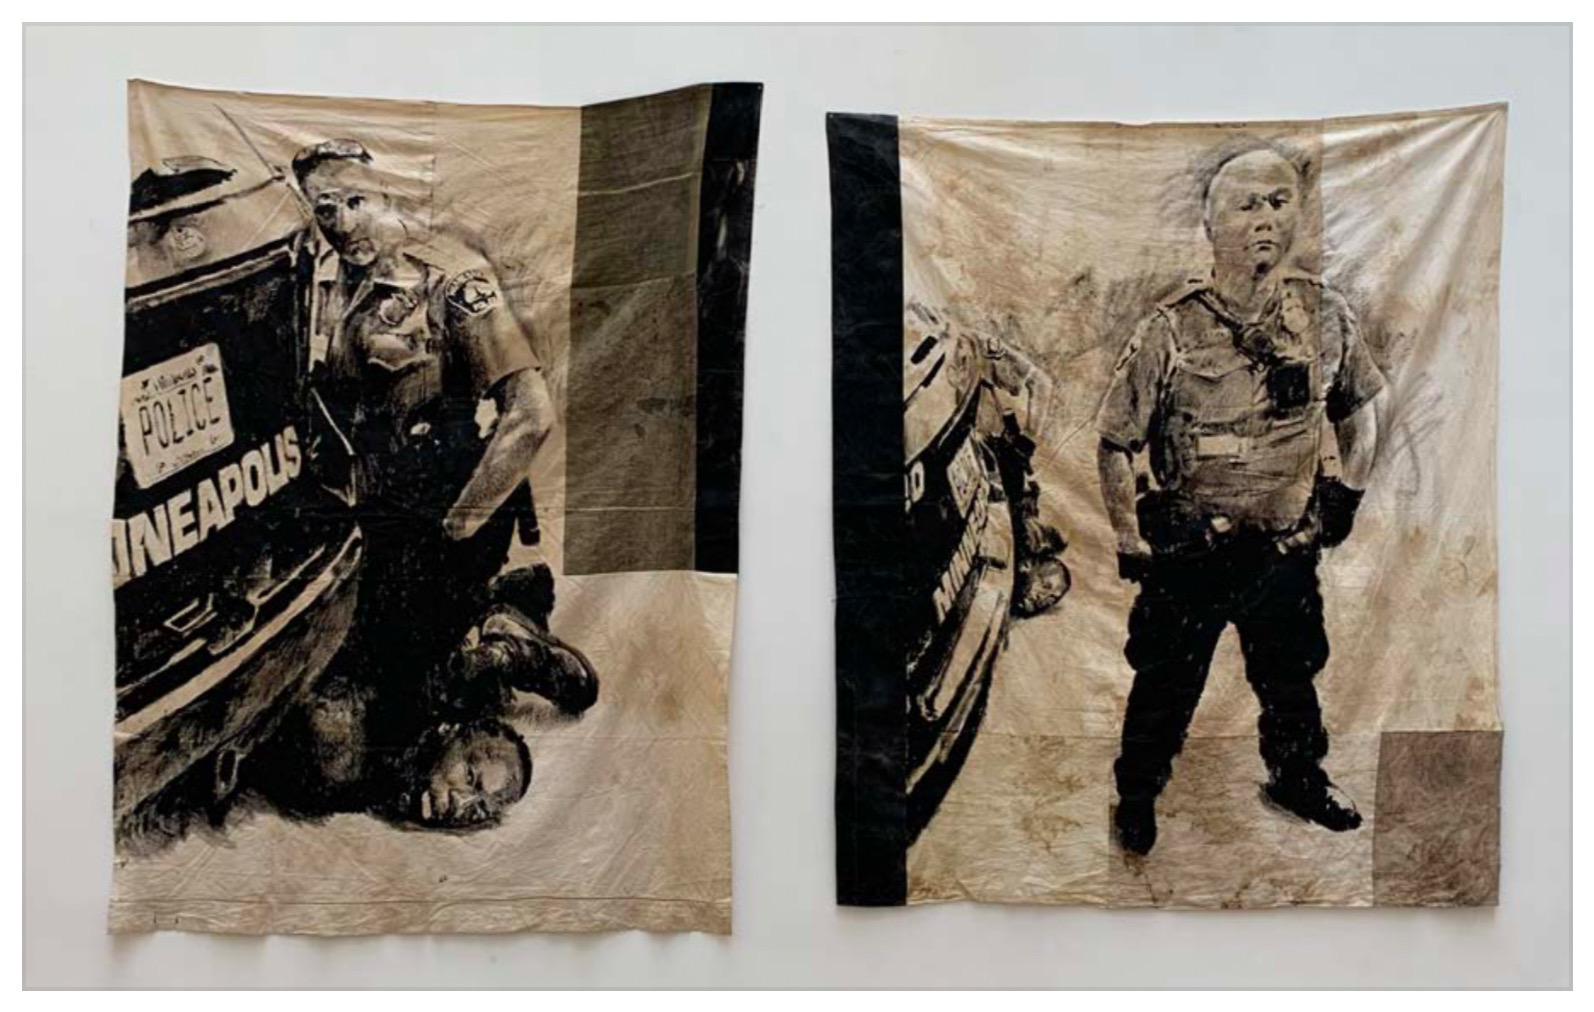 ROMÉO MIVEKANNIN Meurtre de George Floyd, 2020, Acrylique, bains d'élixir sur toile libre, Diptyque, 221 x 163 cm, 206 x 171 cm